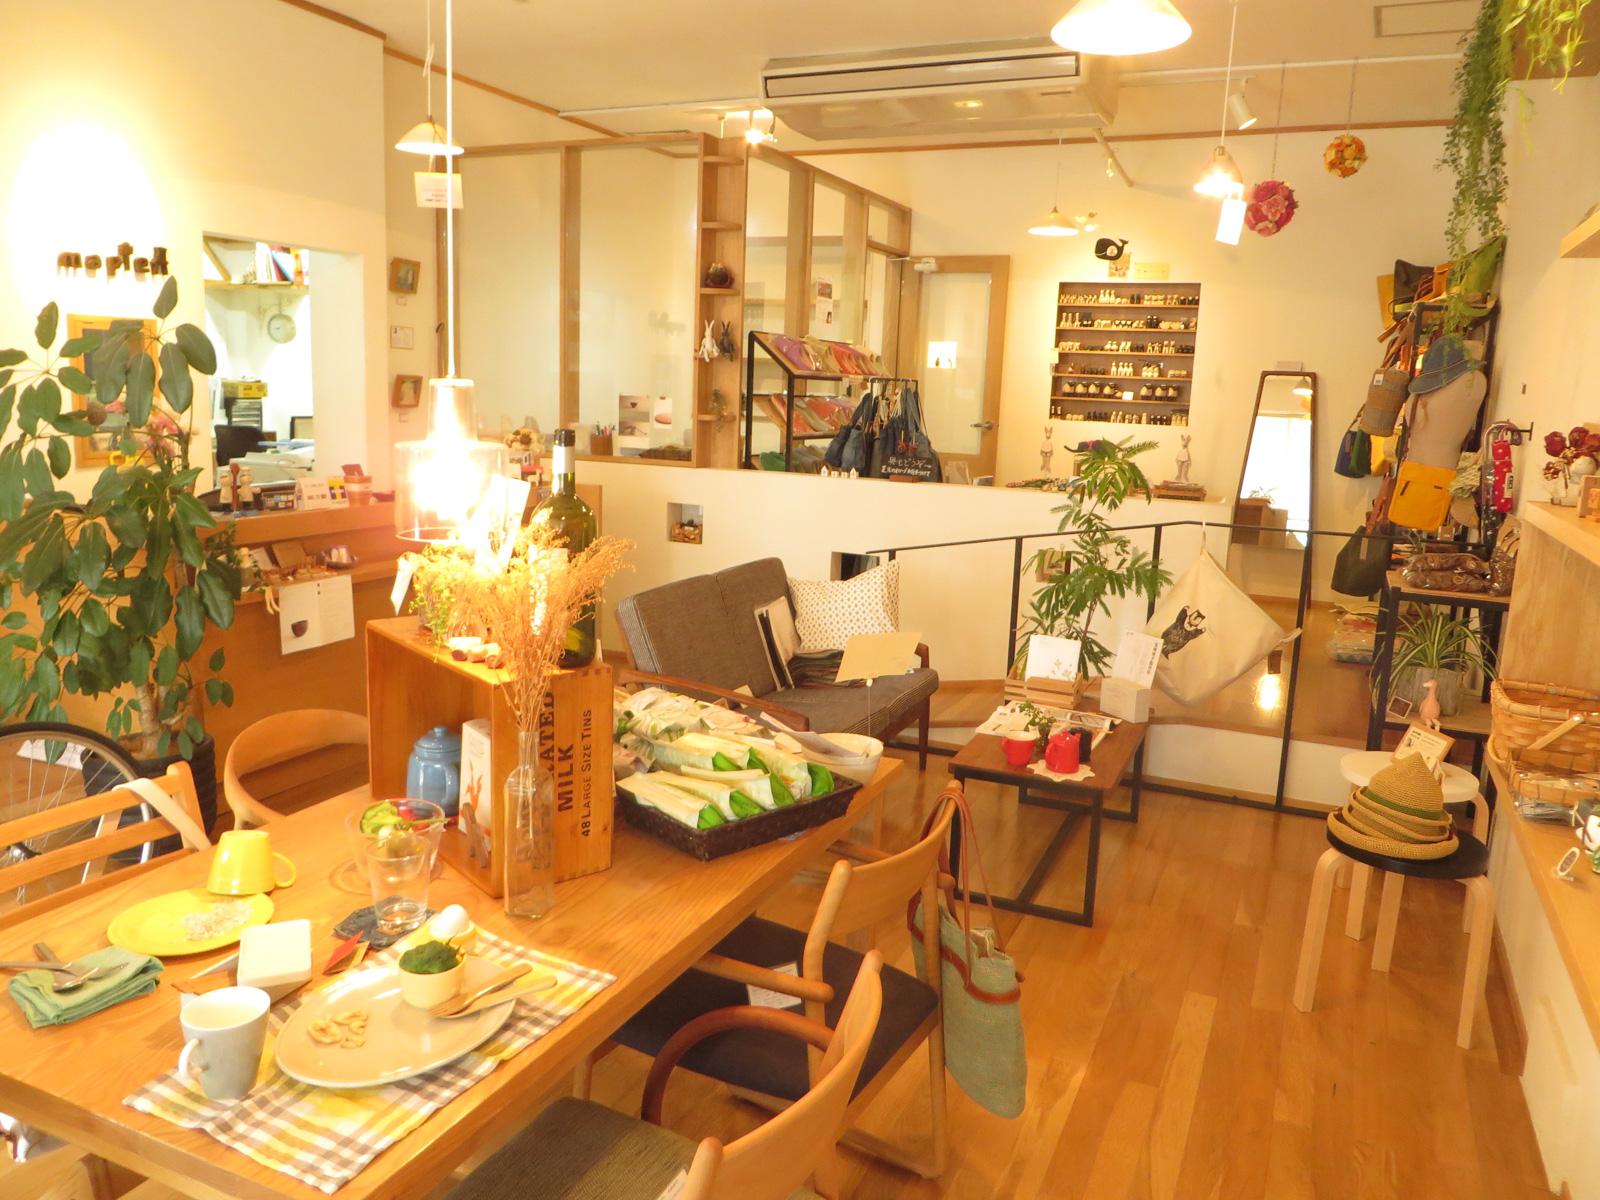 maple 家具と雑貨の店